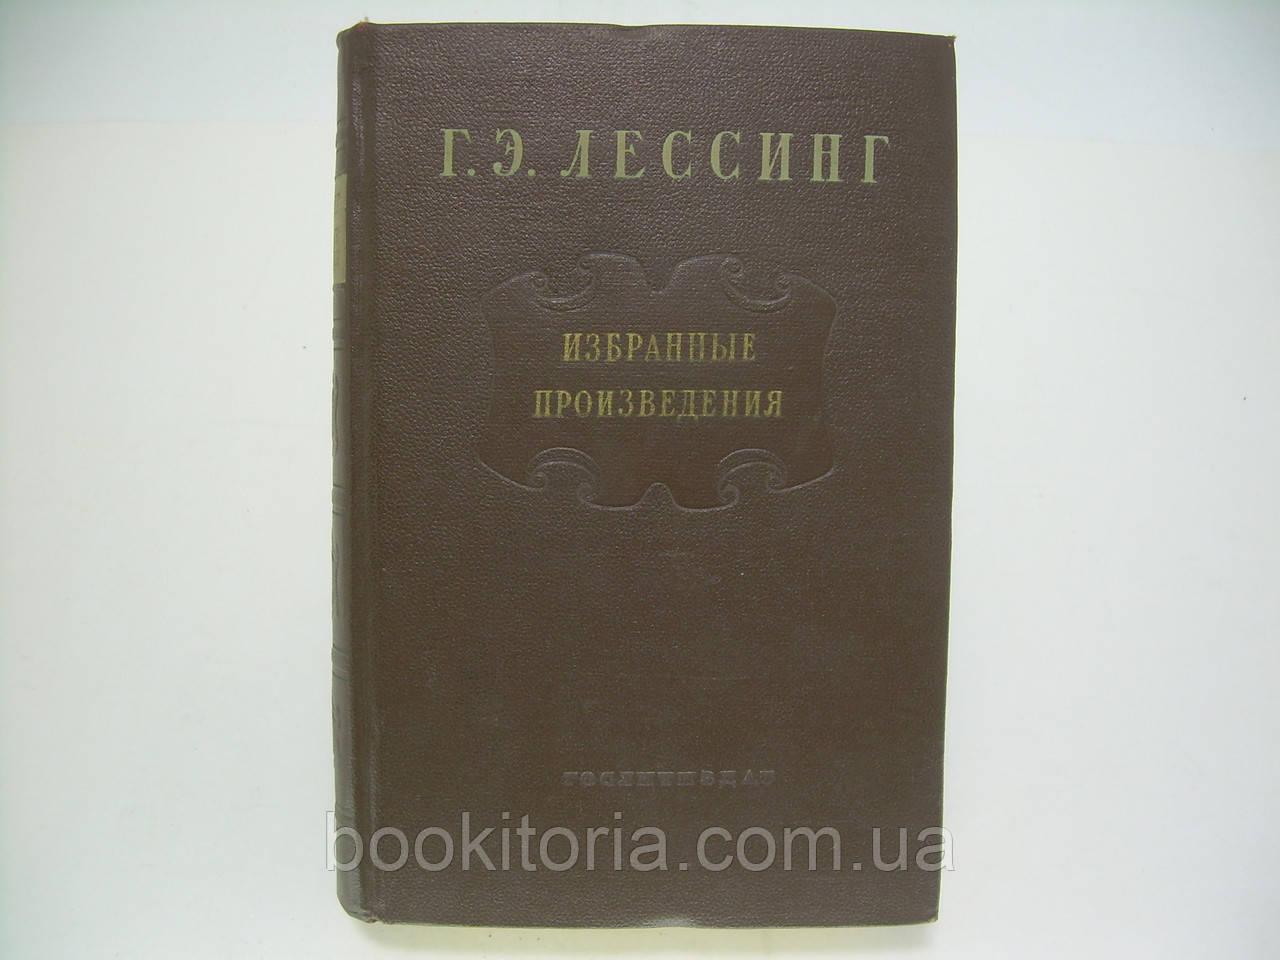 Лессинг Г.Э. Избранные произведения (б/у).